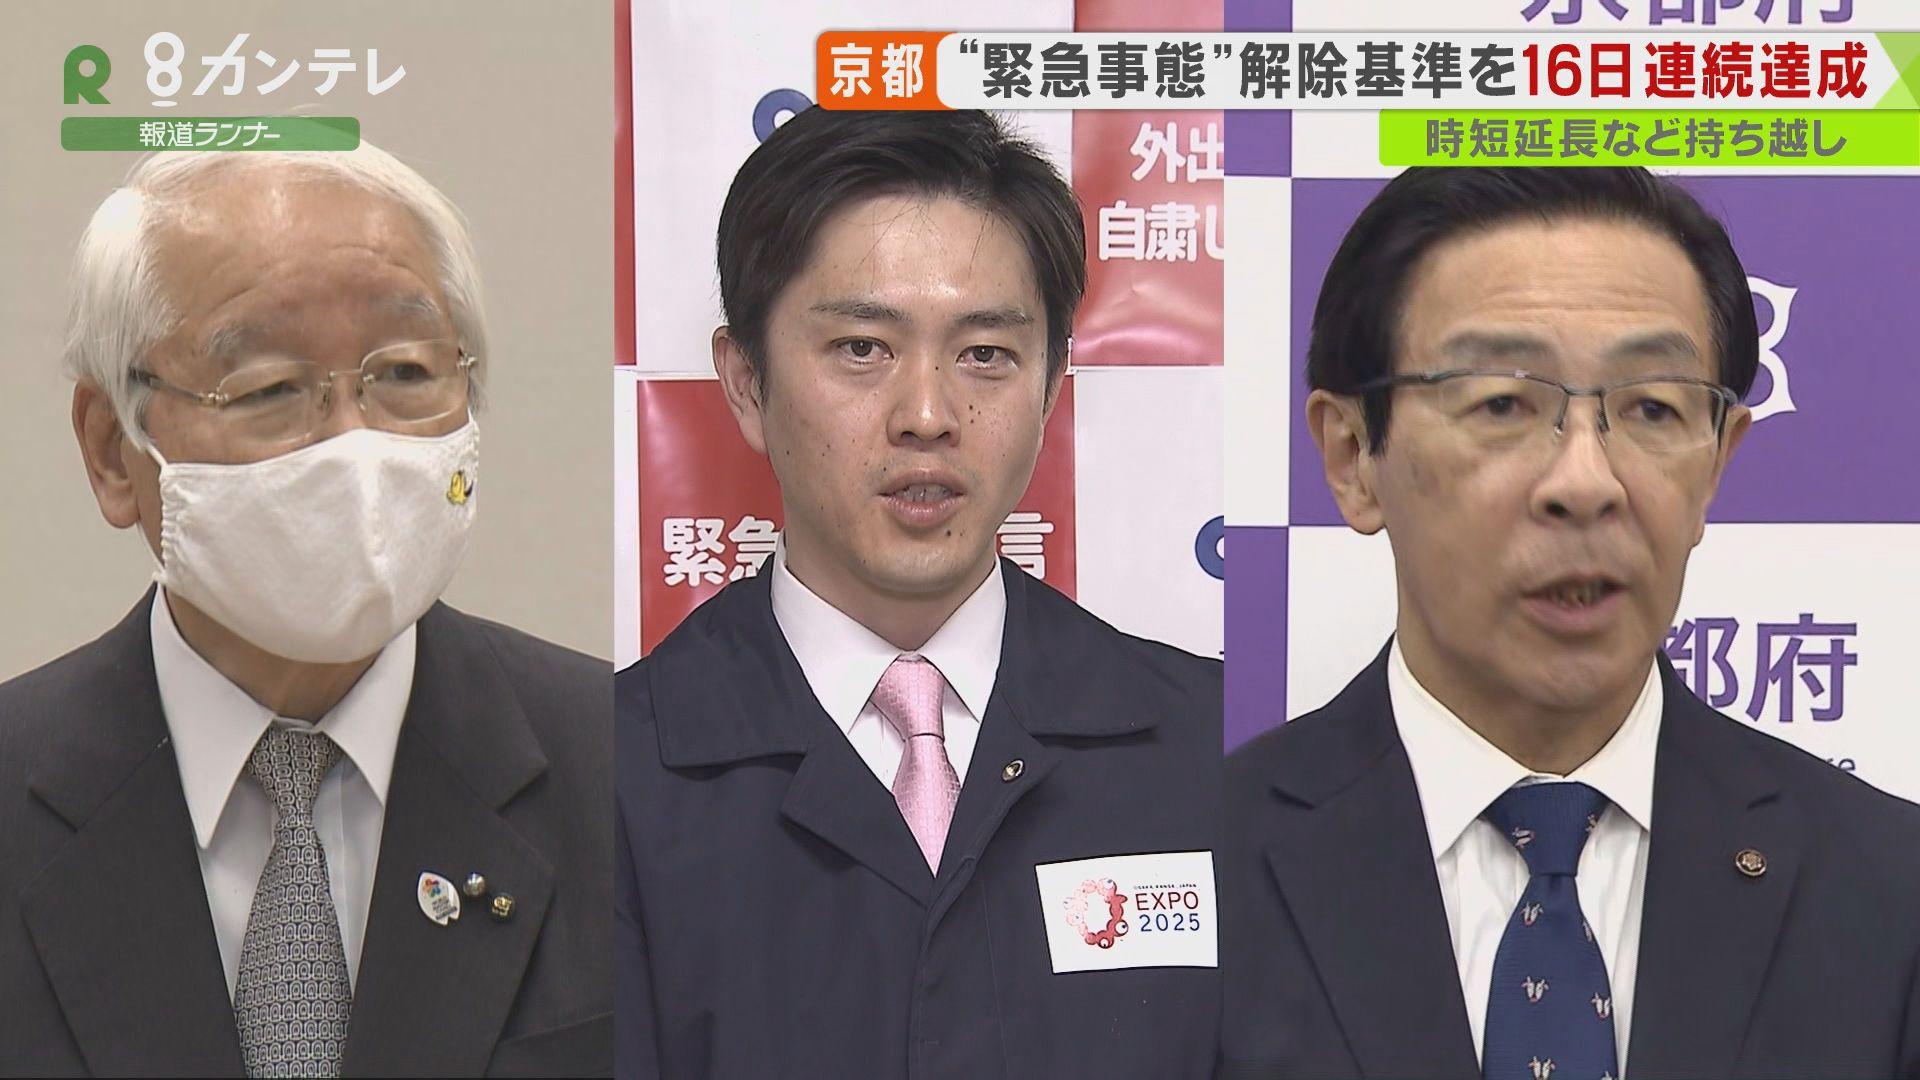 街の声は「ありがたい」「いいのかな」 関西3府県、緊急事態宣言「2月末での解除」を国に要請へ